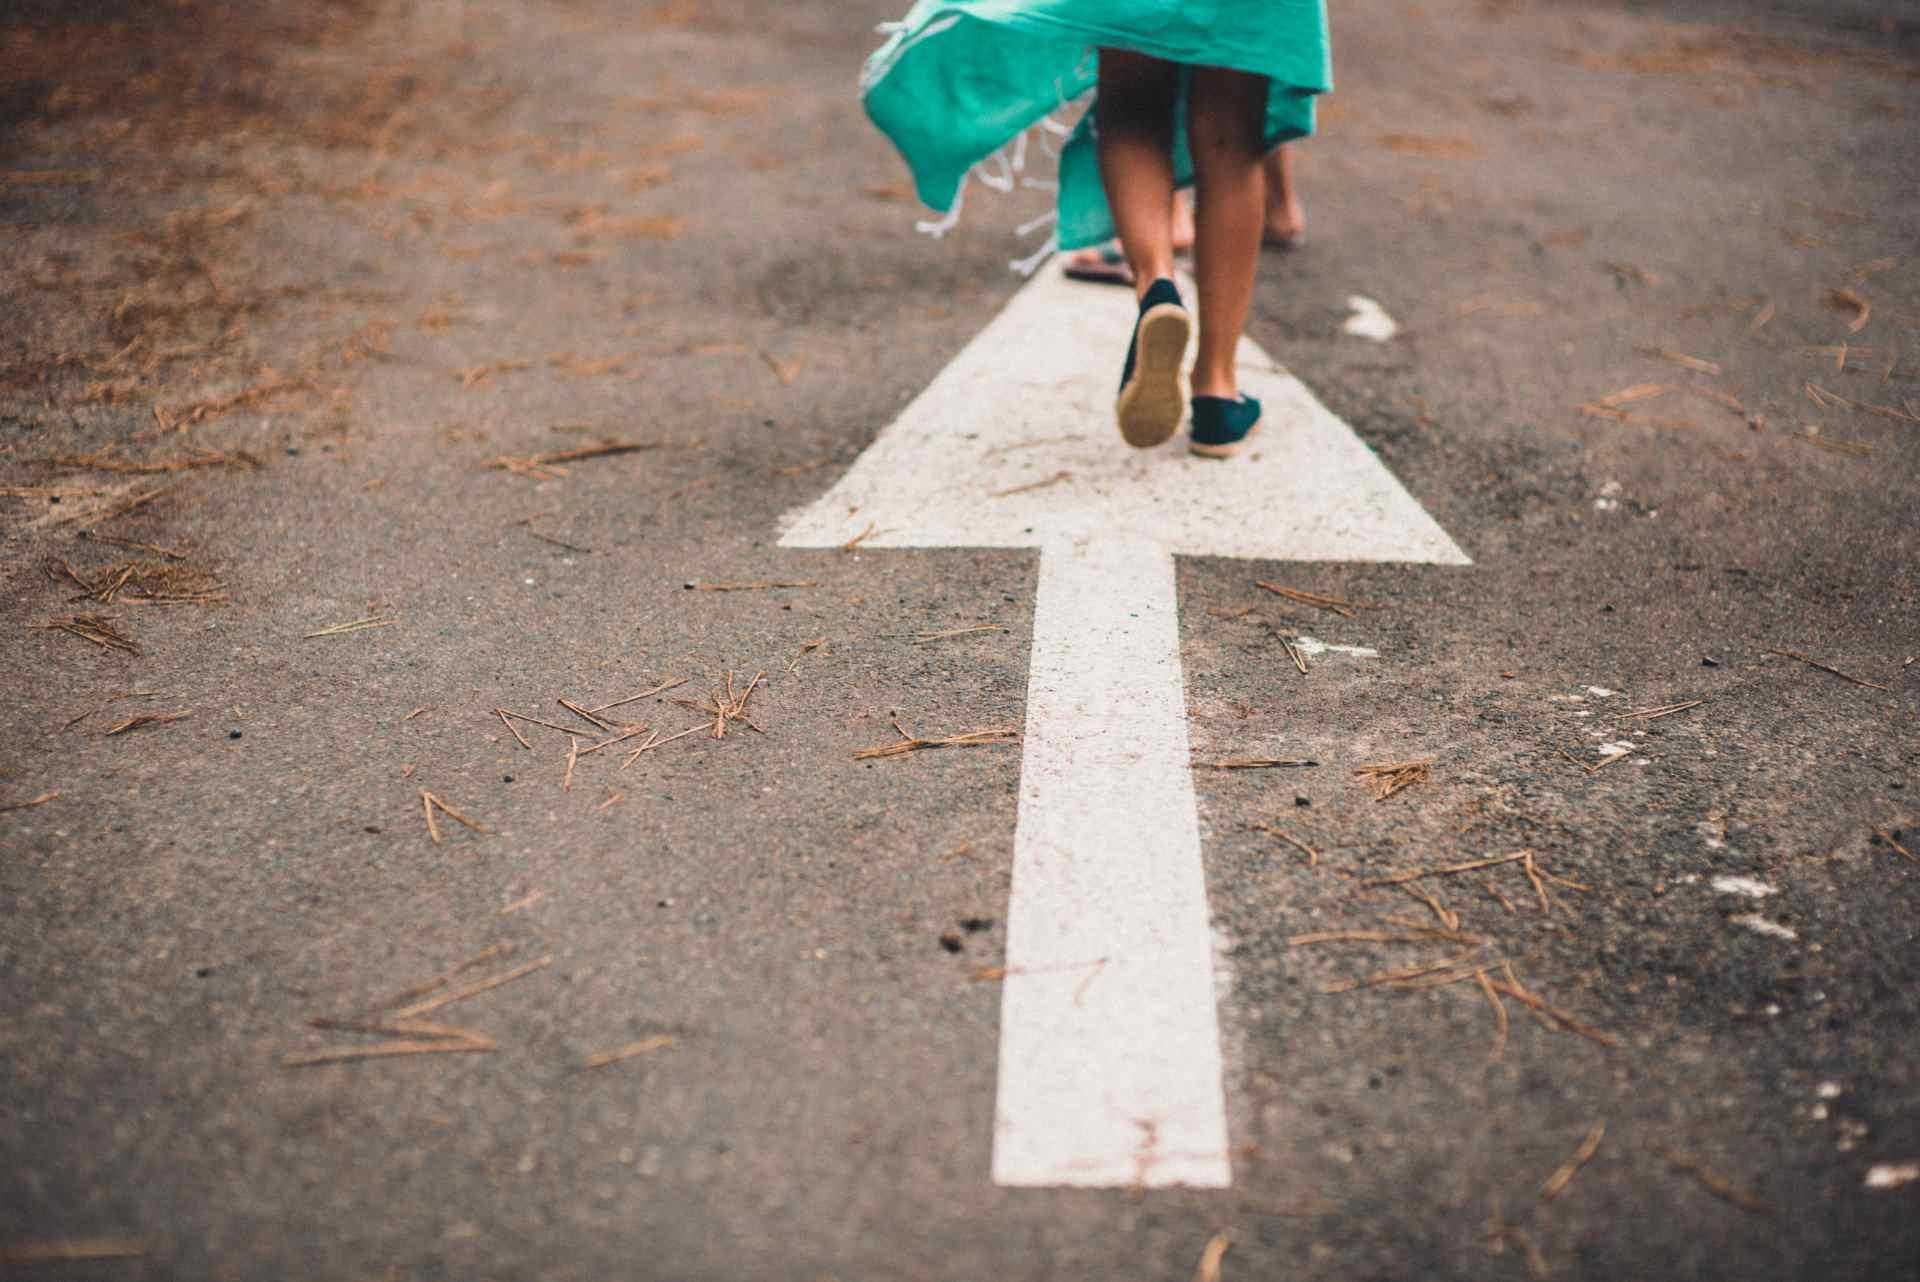 Frau geht auf Straße mit Pfeil